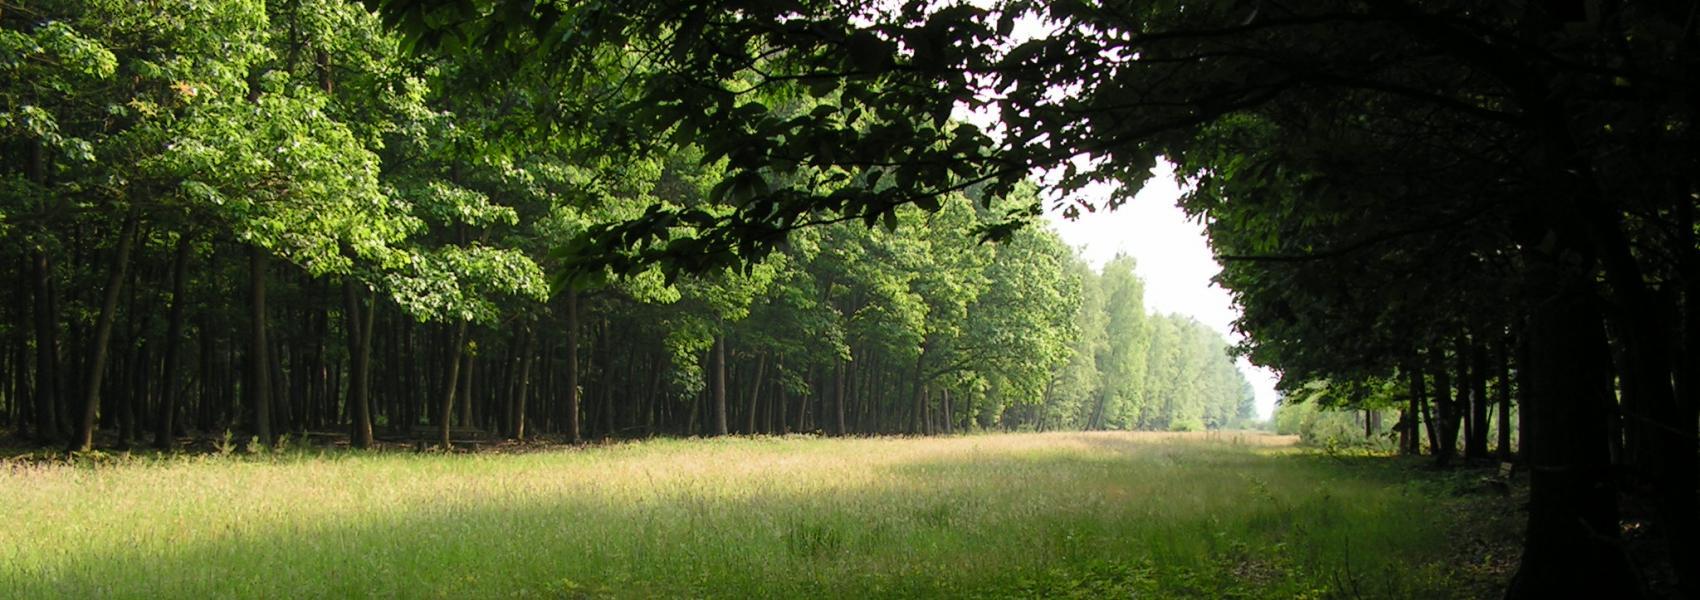 zicht op het bos